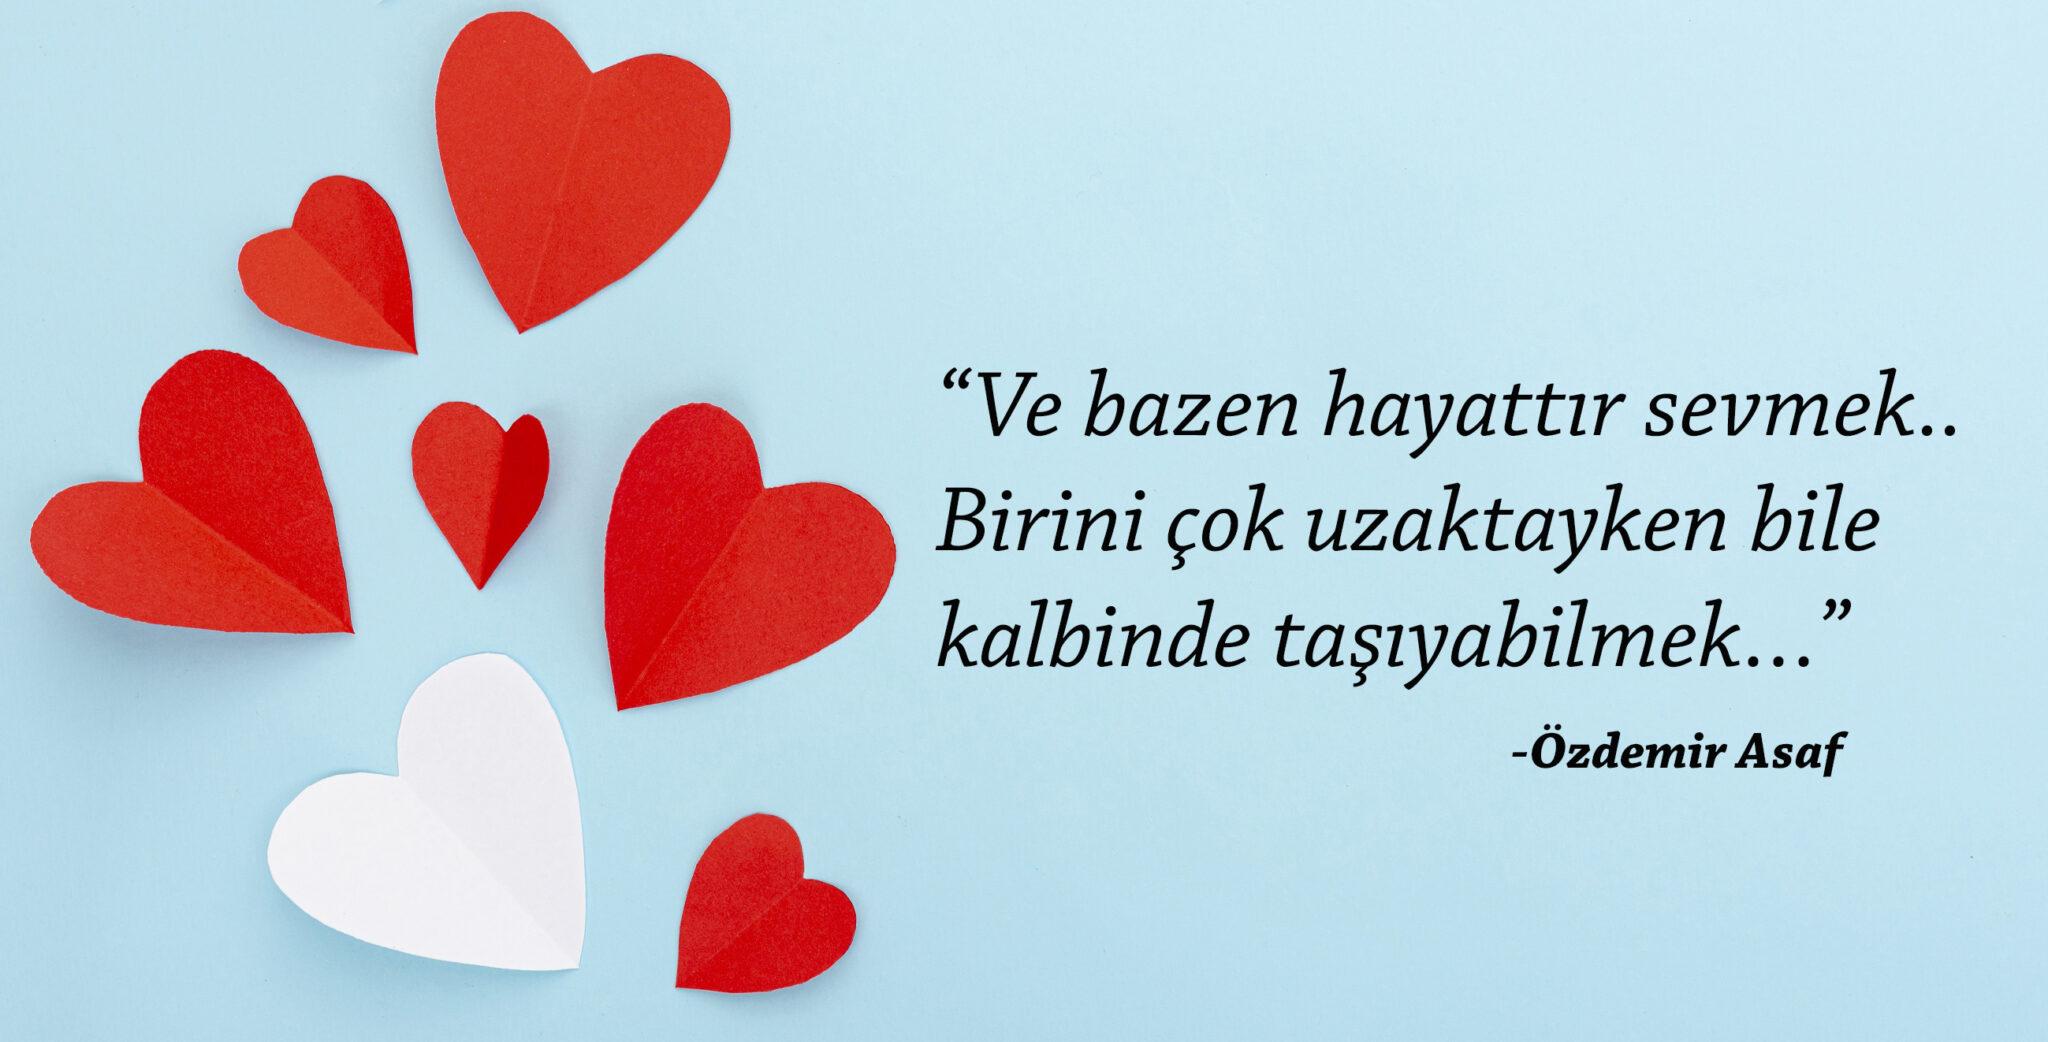 Özdemir Asaf - Hayattır Sevmek